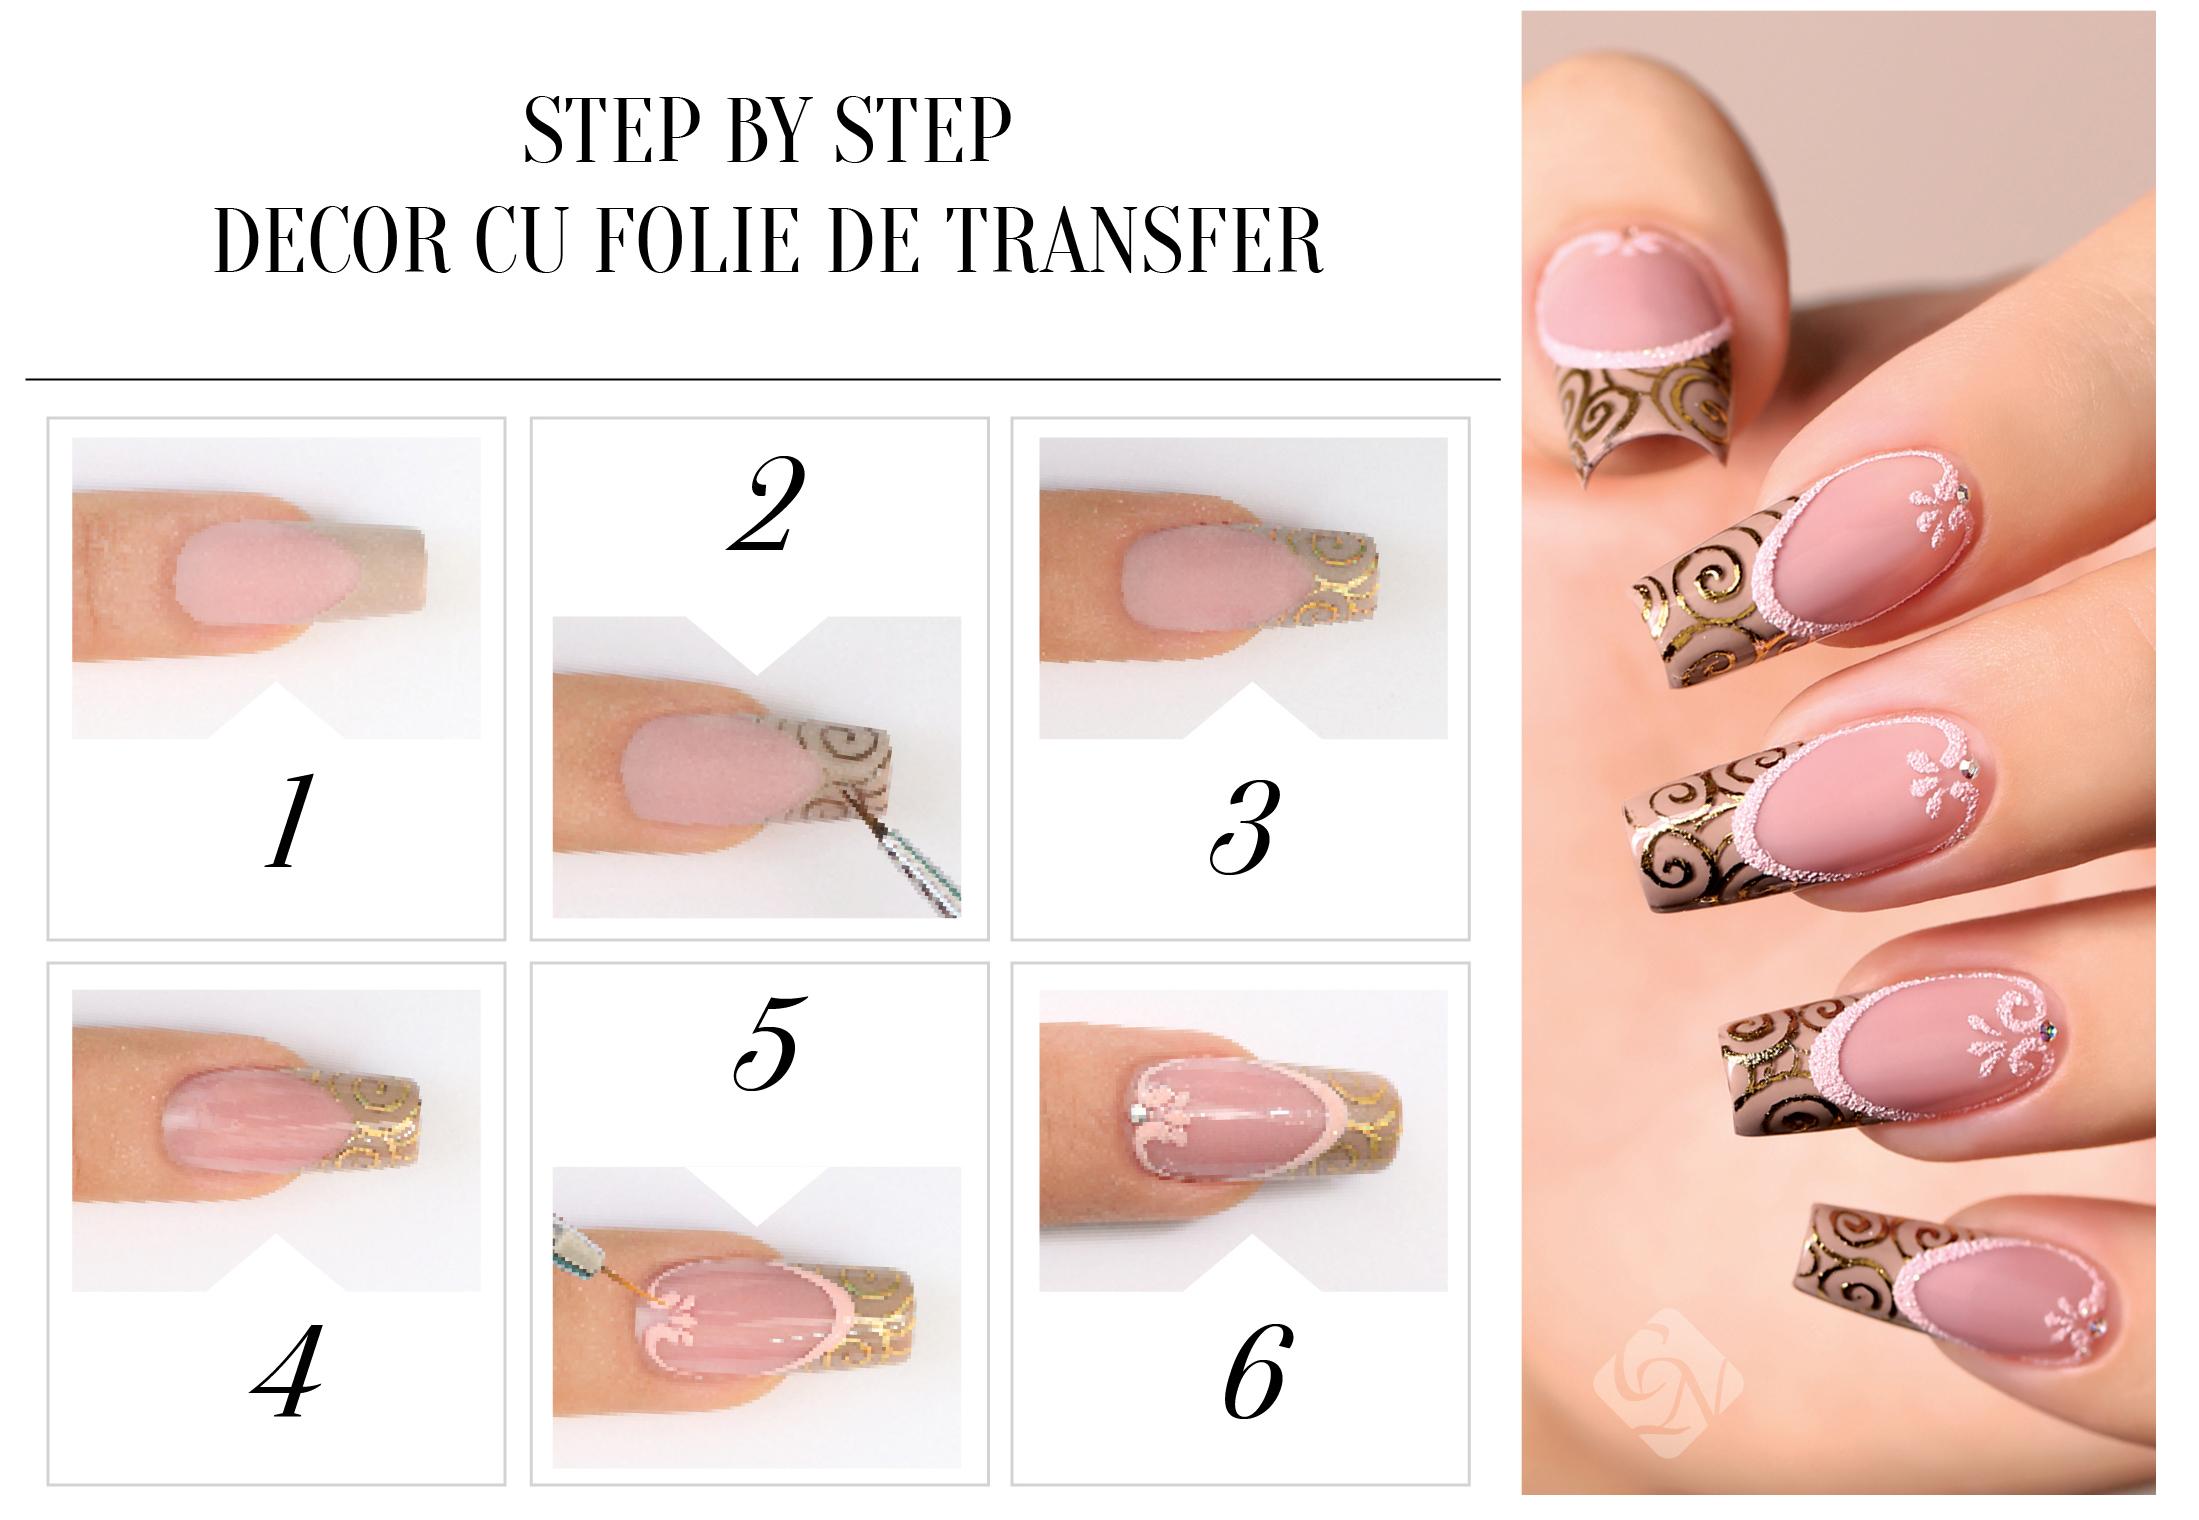 Step by Step Folii de transfer